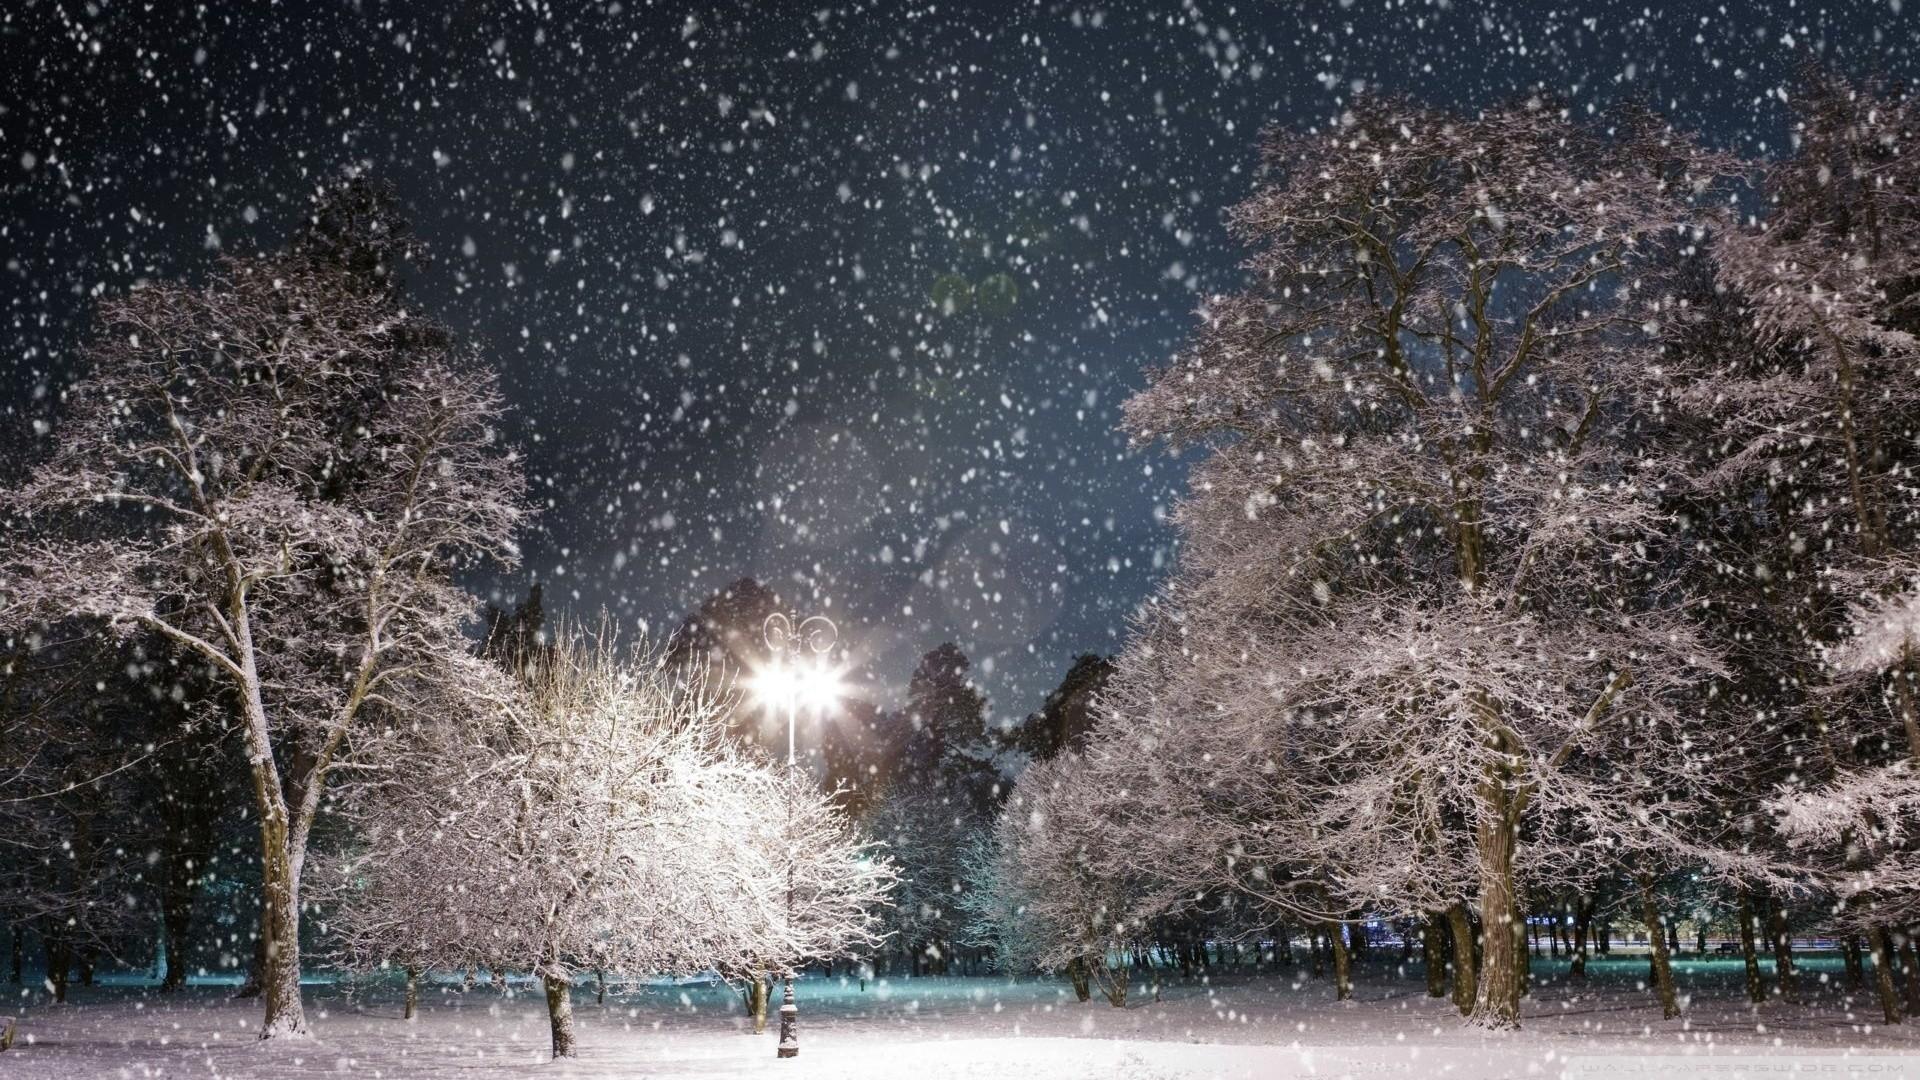 Explore Snow Scenes, Winter Scenes, and more!